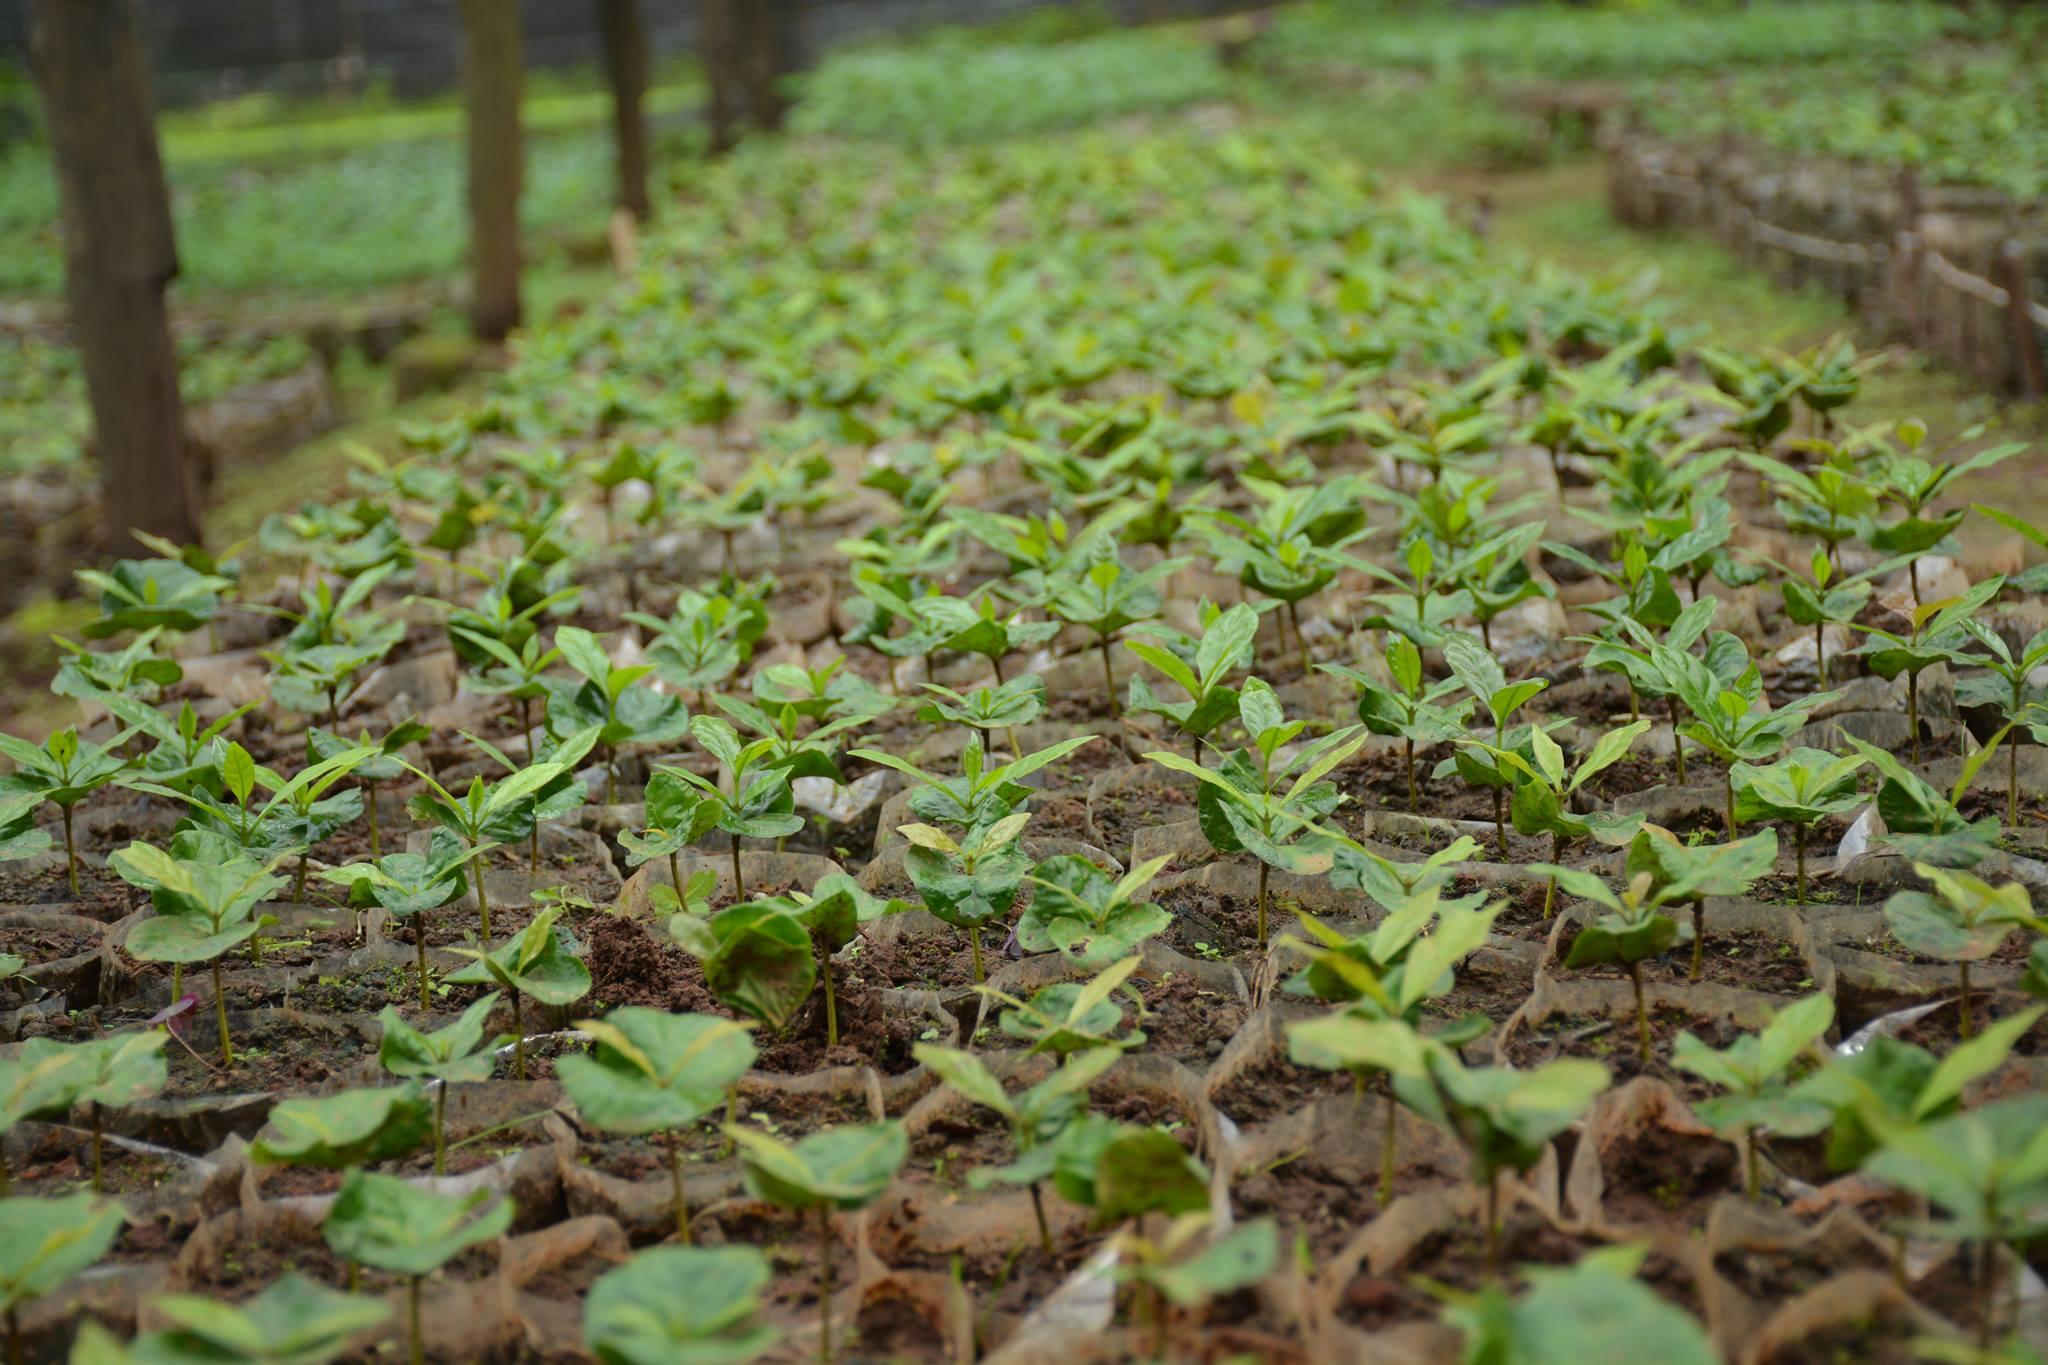 အပင်မျိုးစိတ်သစ်များကို ကာကွယ်ခွင့်ရရန်အတွက် စည်းမျဉ်း၊ စည်းကမ်းများနှင့်အညီ တရားဝင် လျှောက်ထားနိုင်